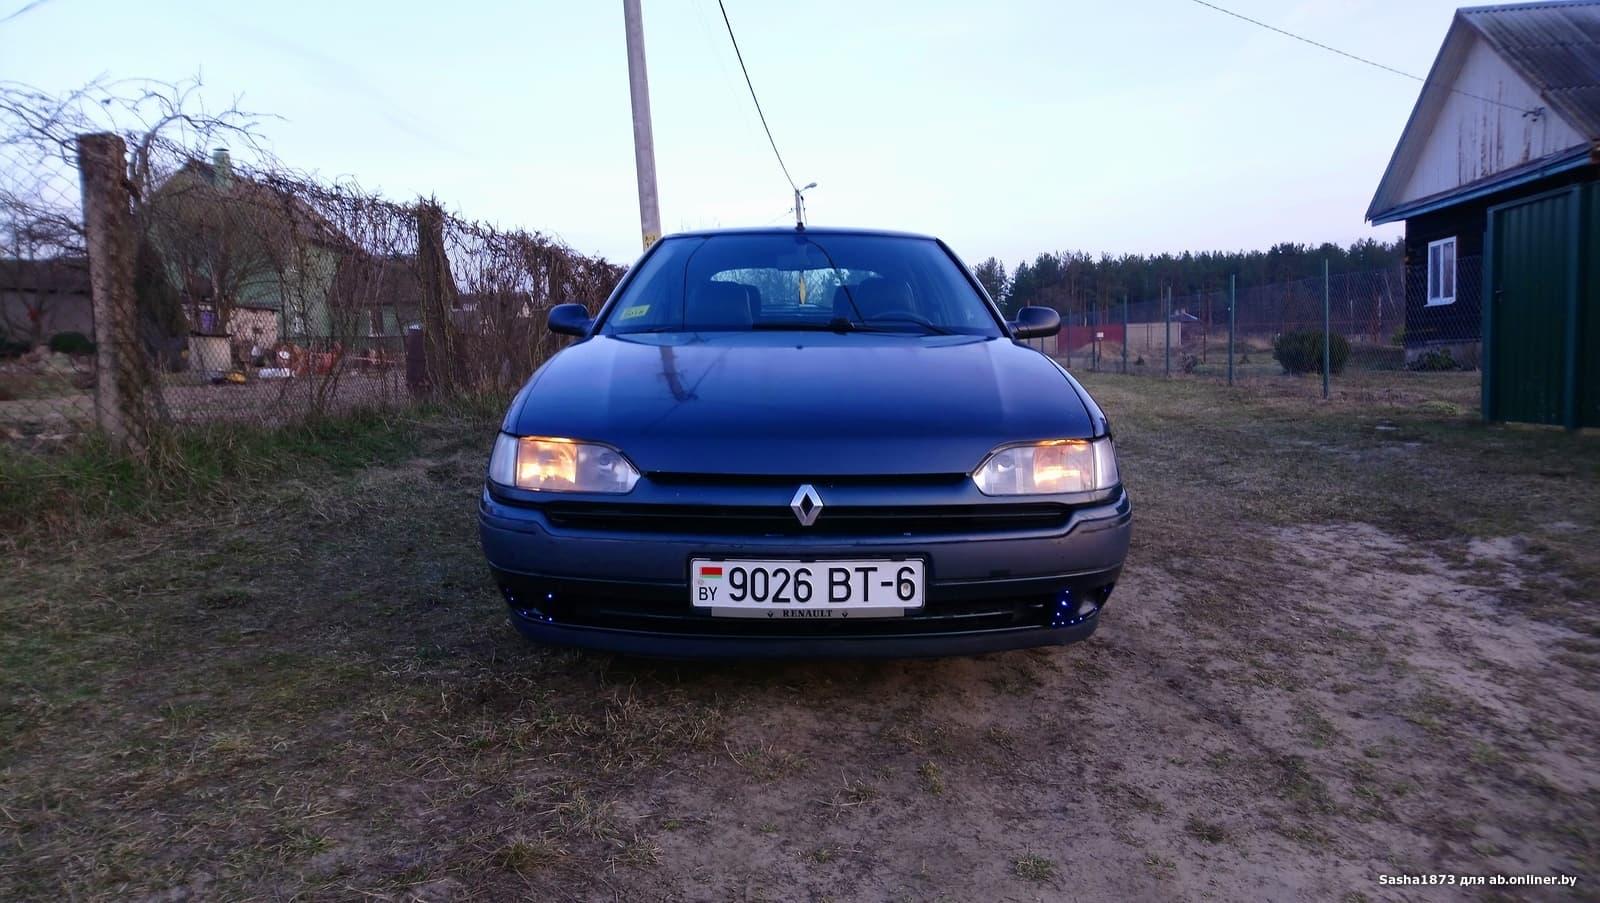 Renault Safrane RN